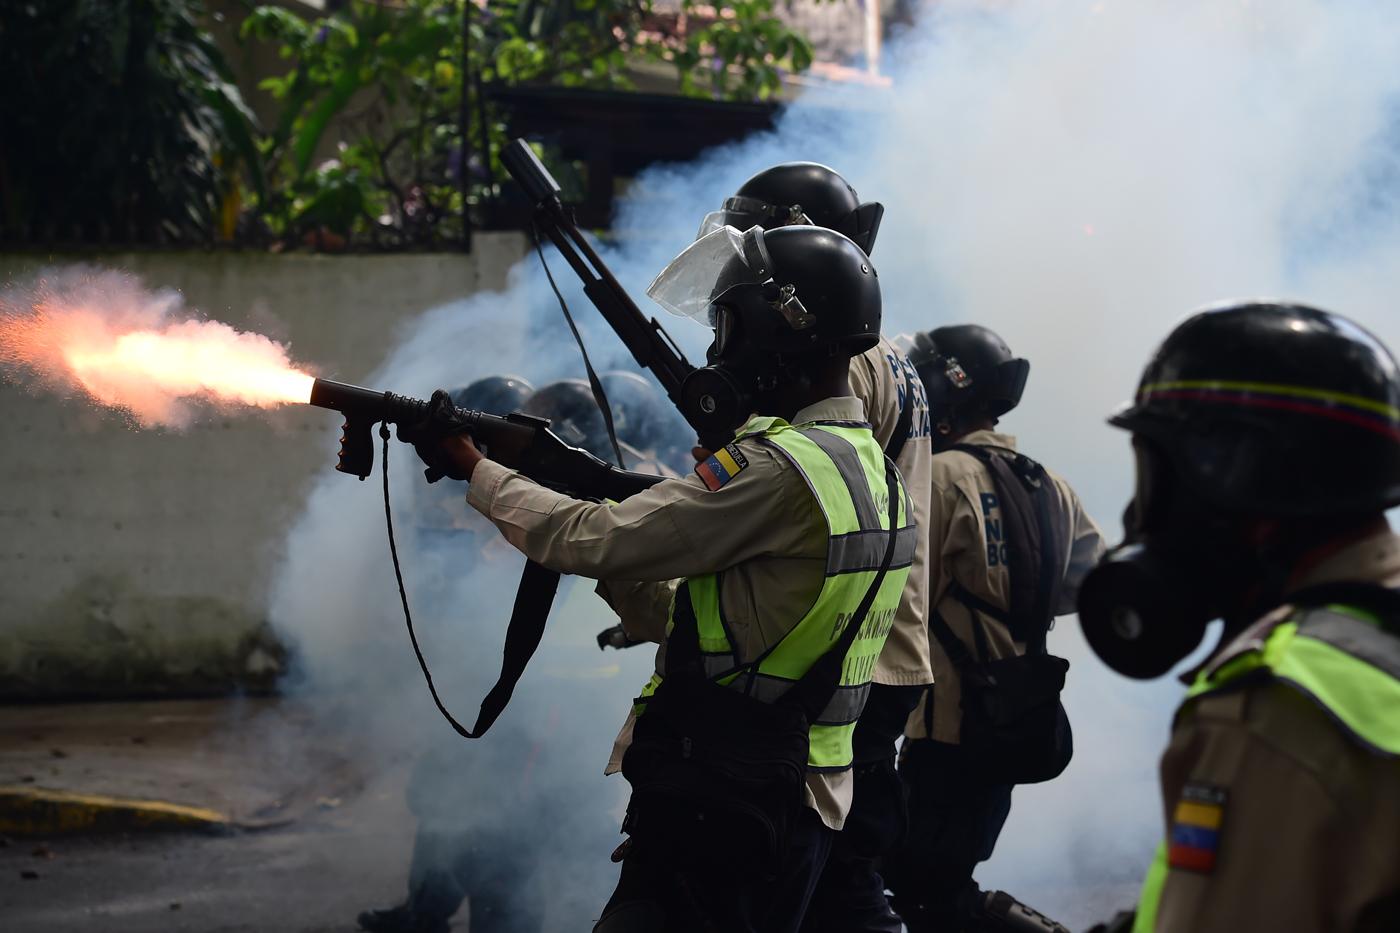 Oficial de la PNB disparando bomba lacrimógena en dirección a manifestantes opositores en la avenida La Victoria el lunes 1 de mayor de 2017. Foto: AFP